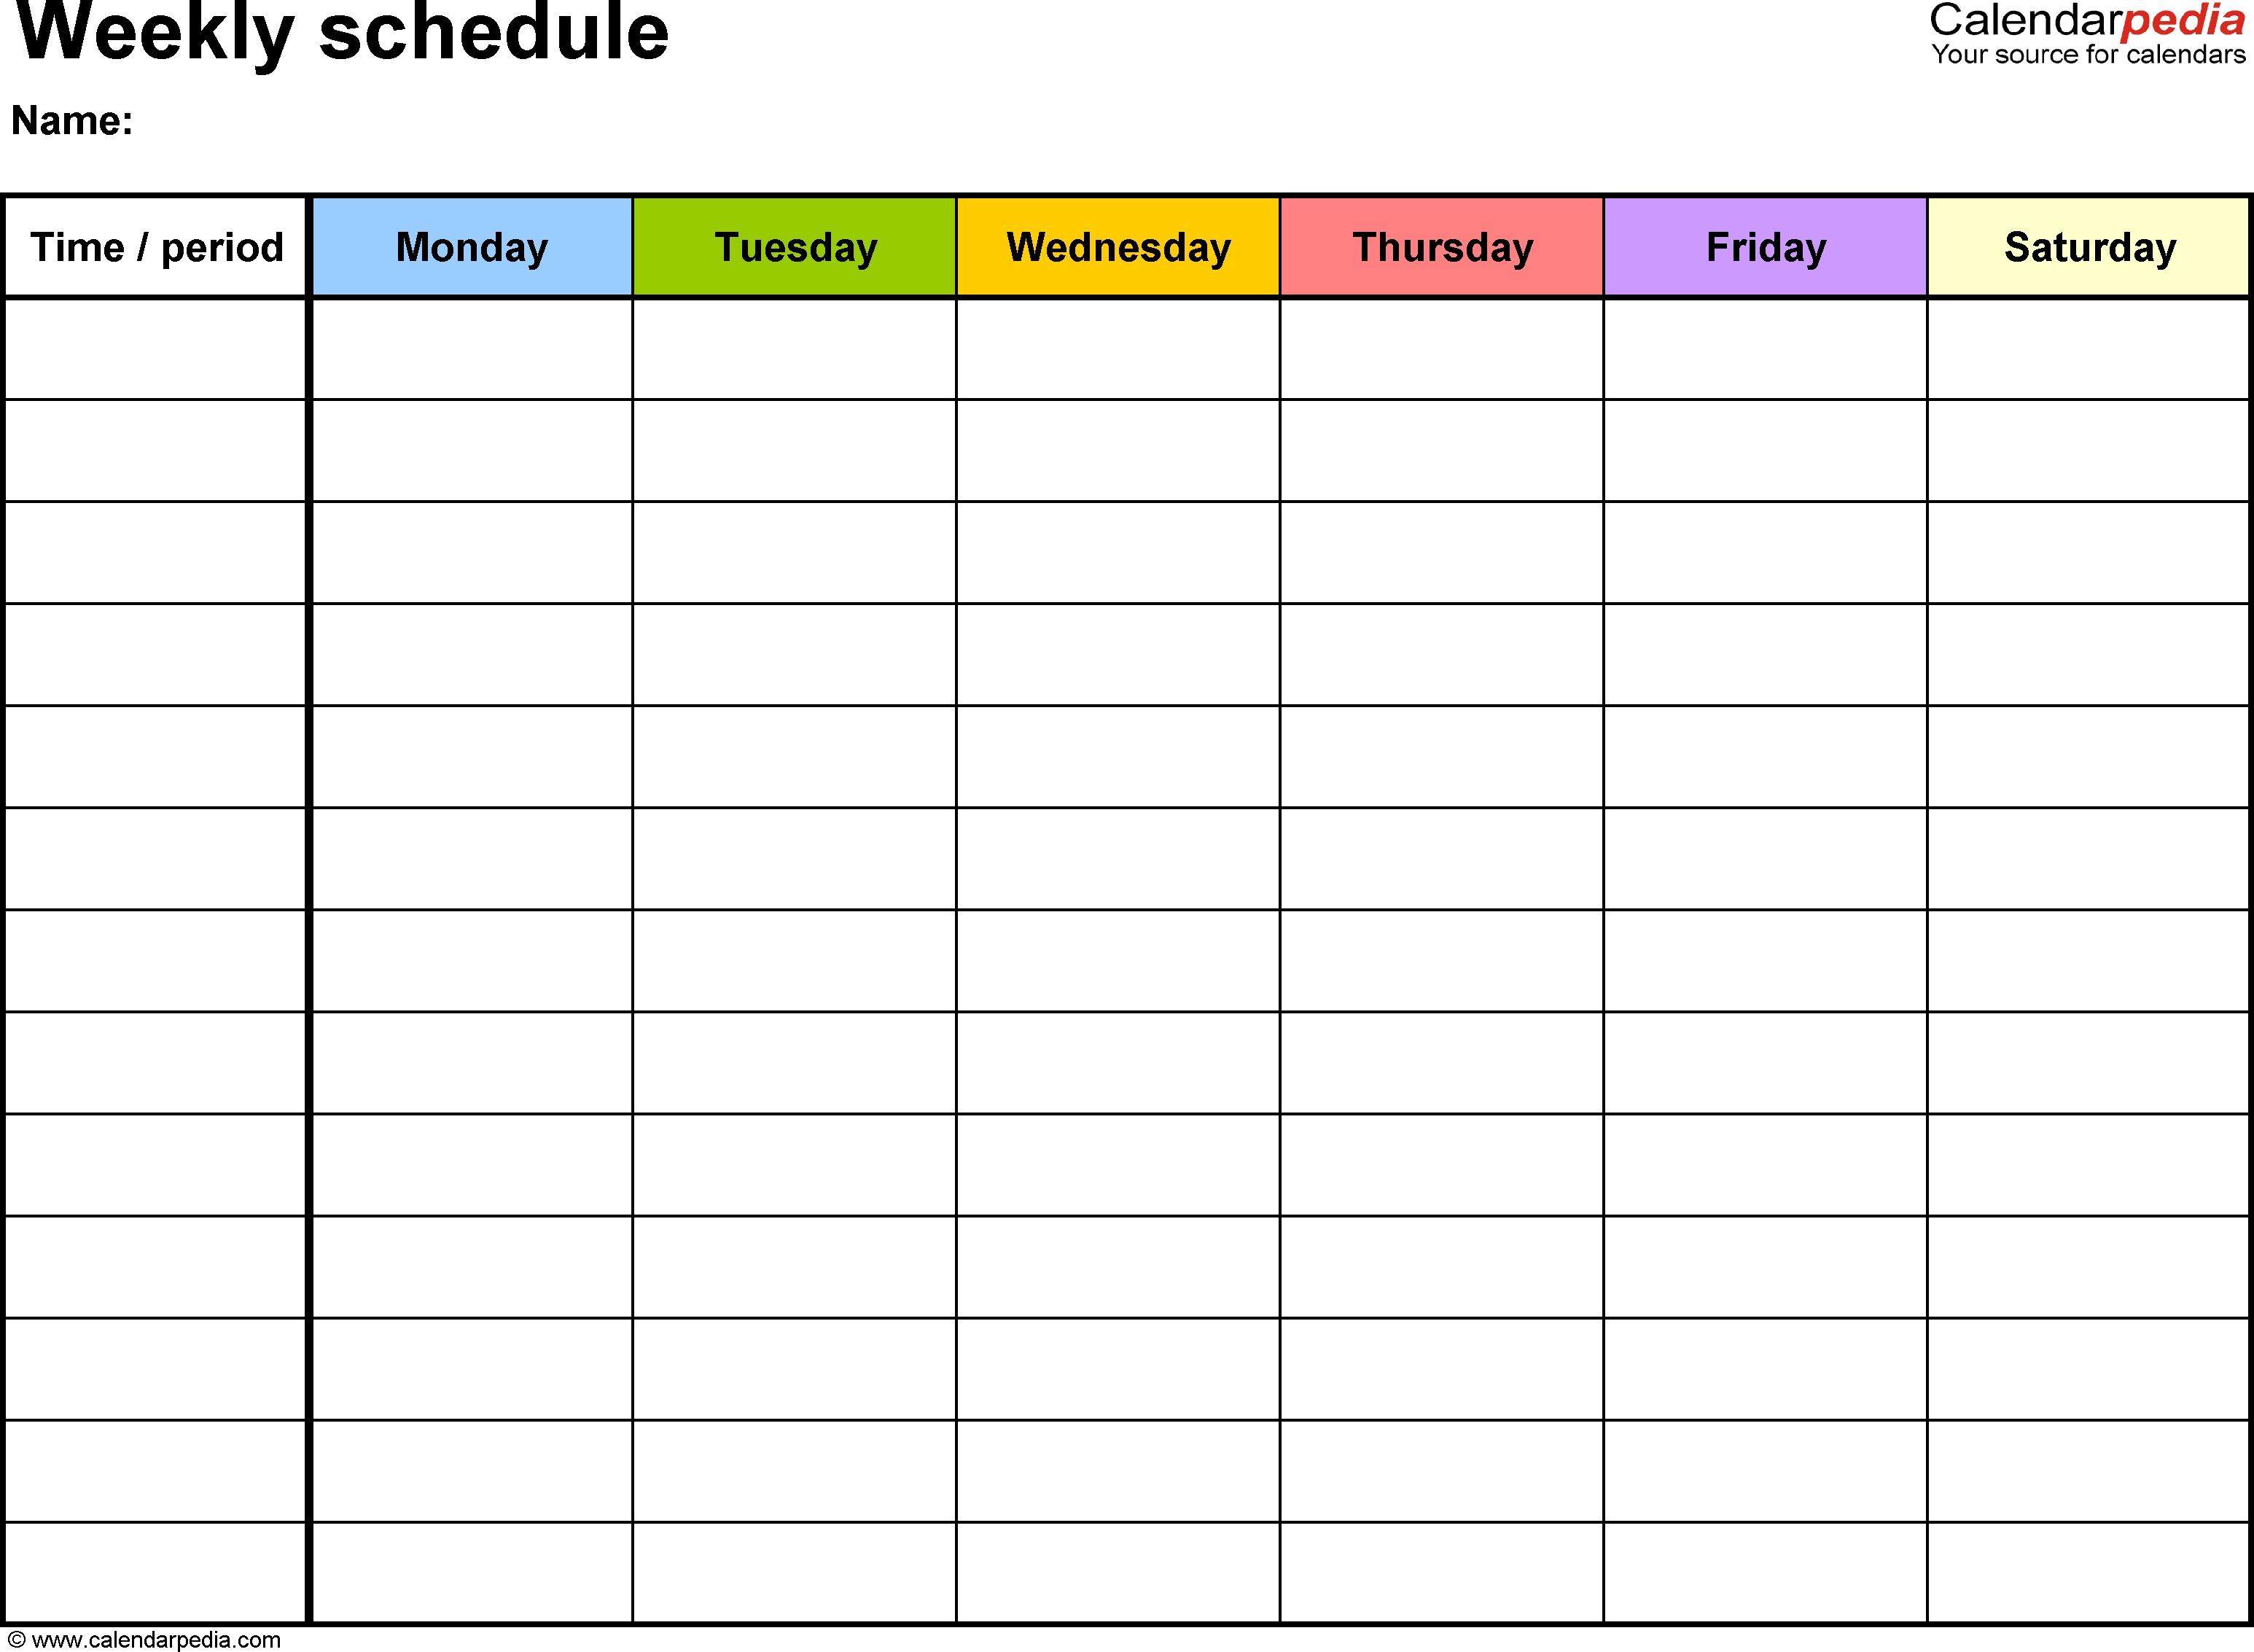 Weekly+Schedule+Template | Daily Schedule Template, Weekly 9 Week Calendar Template